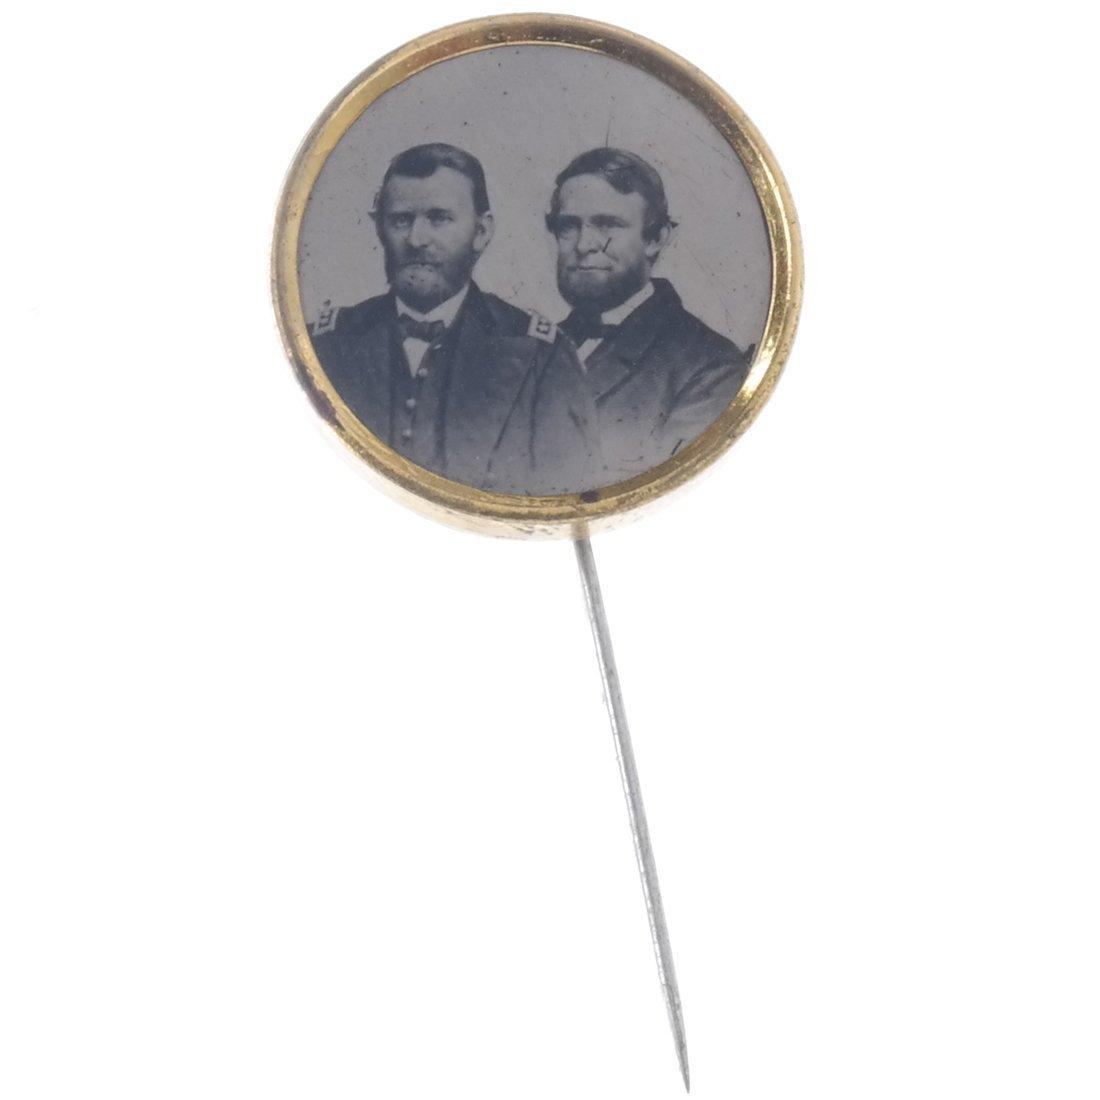 Grant & Colfax 1868 Jugate Ferrotype Stickpin